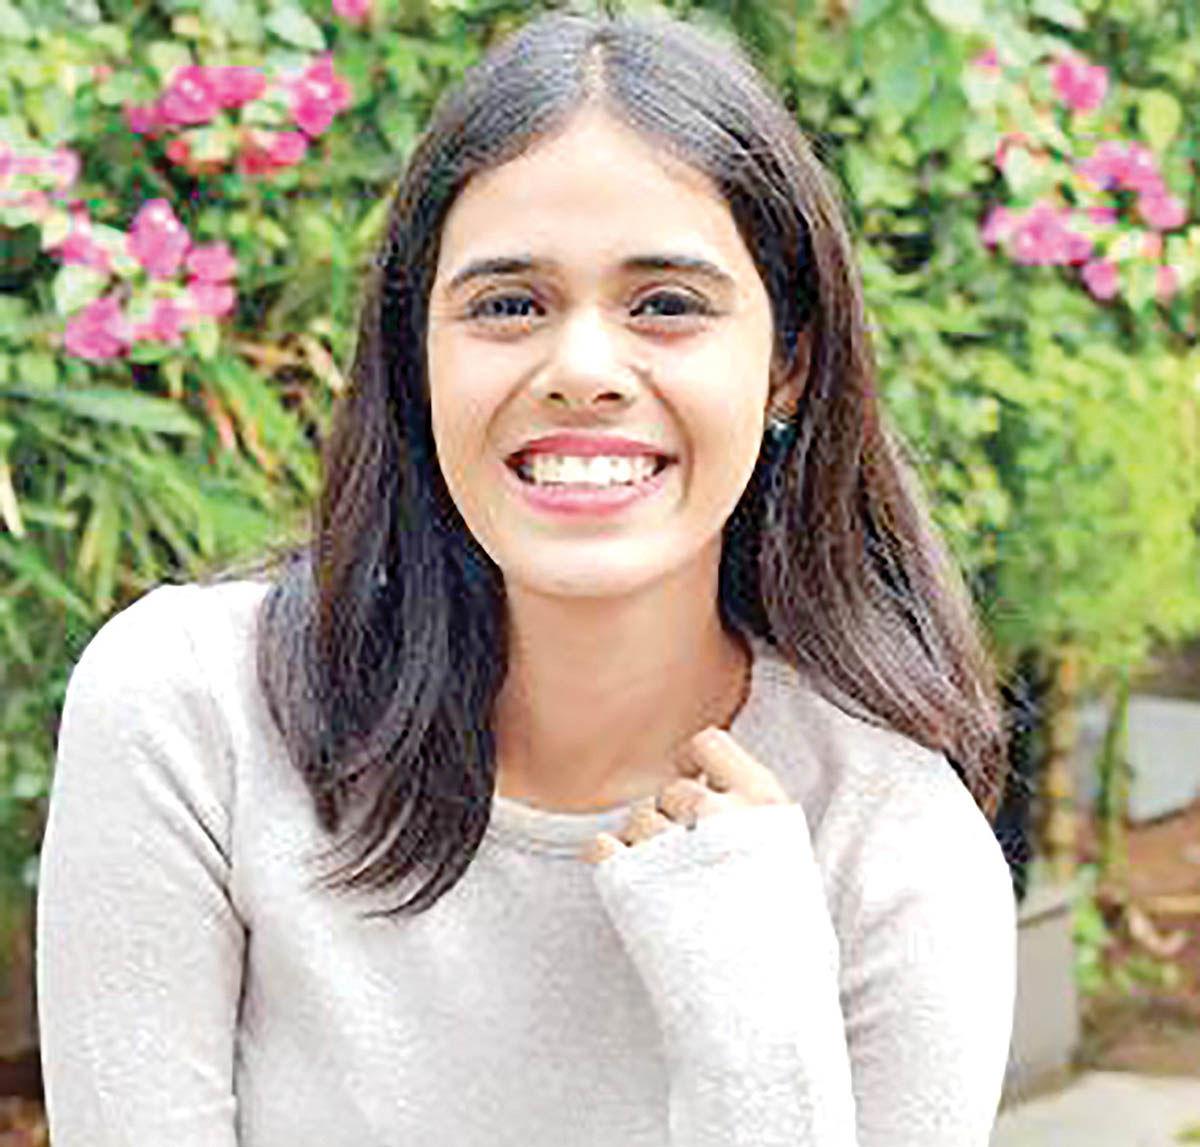 ویبا هاریش؛ دختری که طب گیاهی هندوستان را متحول کرد